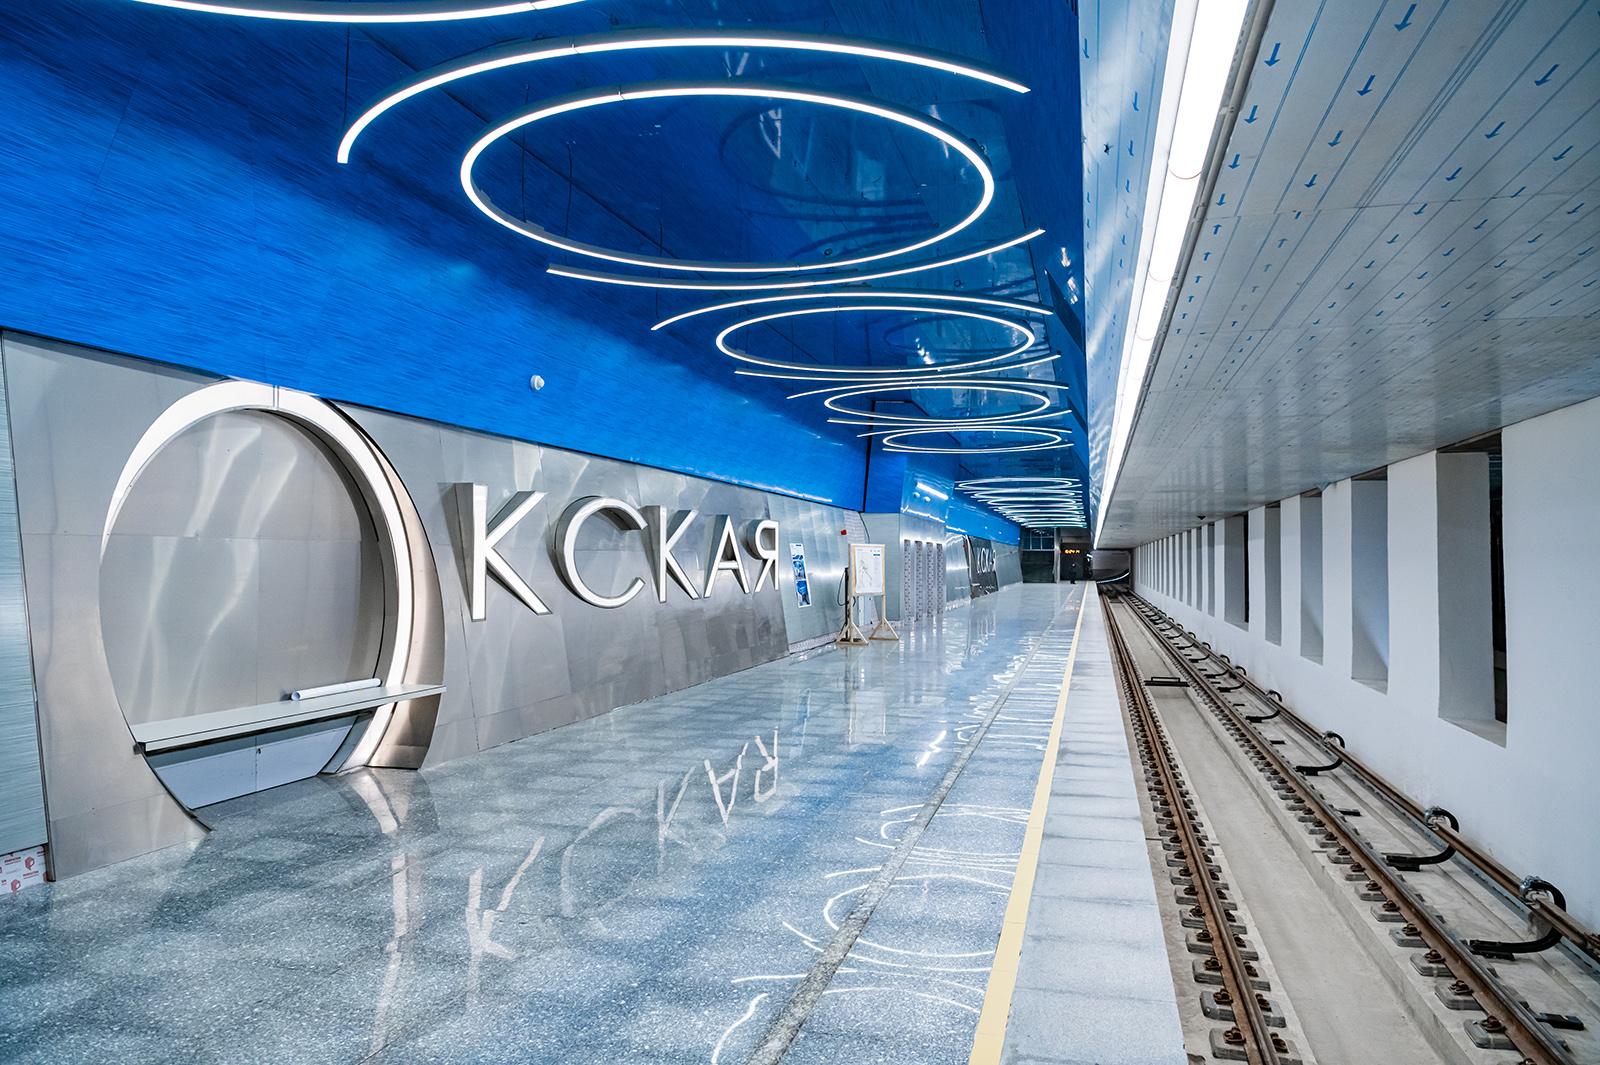 Метро Станция Окская